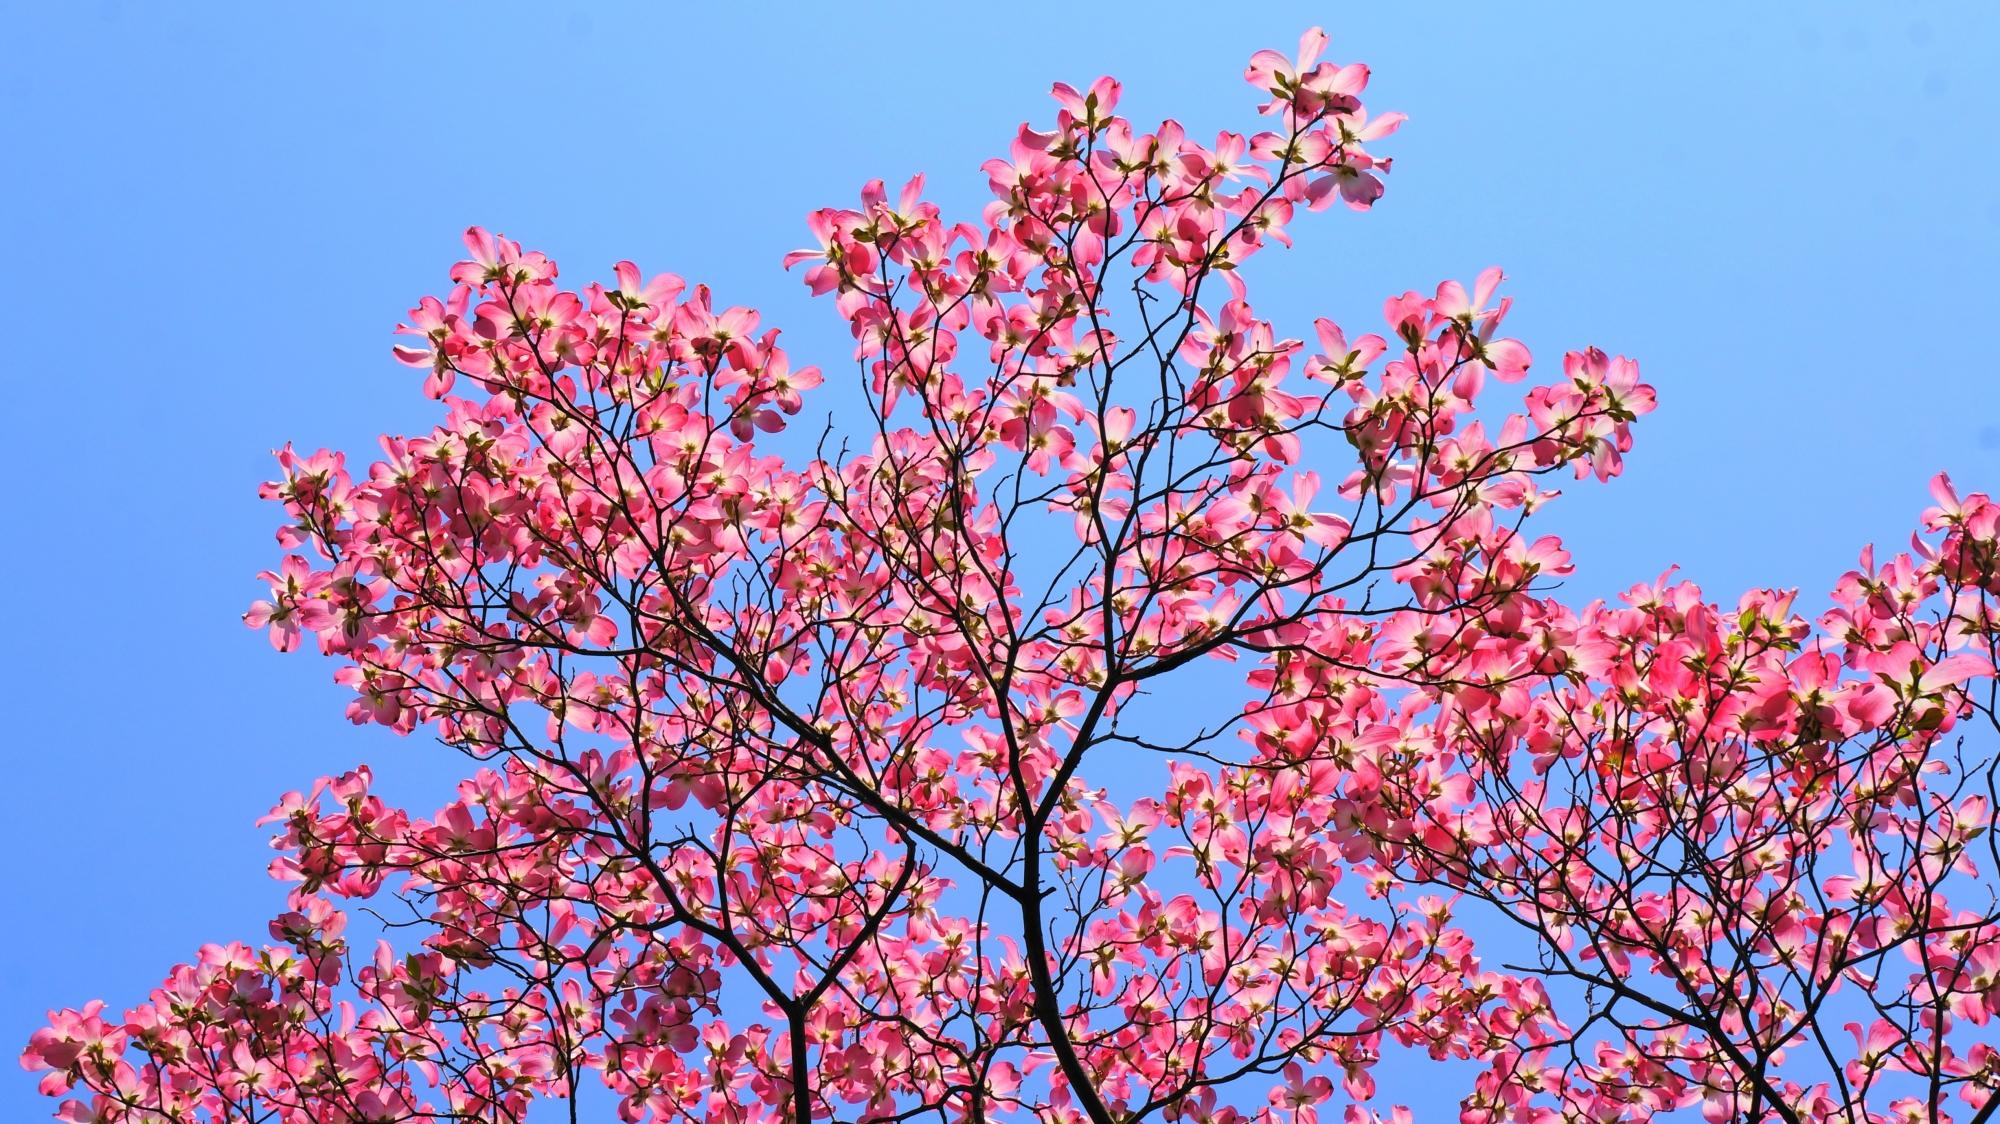 最高の青空の下で咲く絶品のハナミズキ